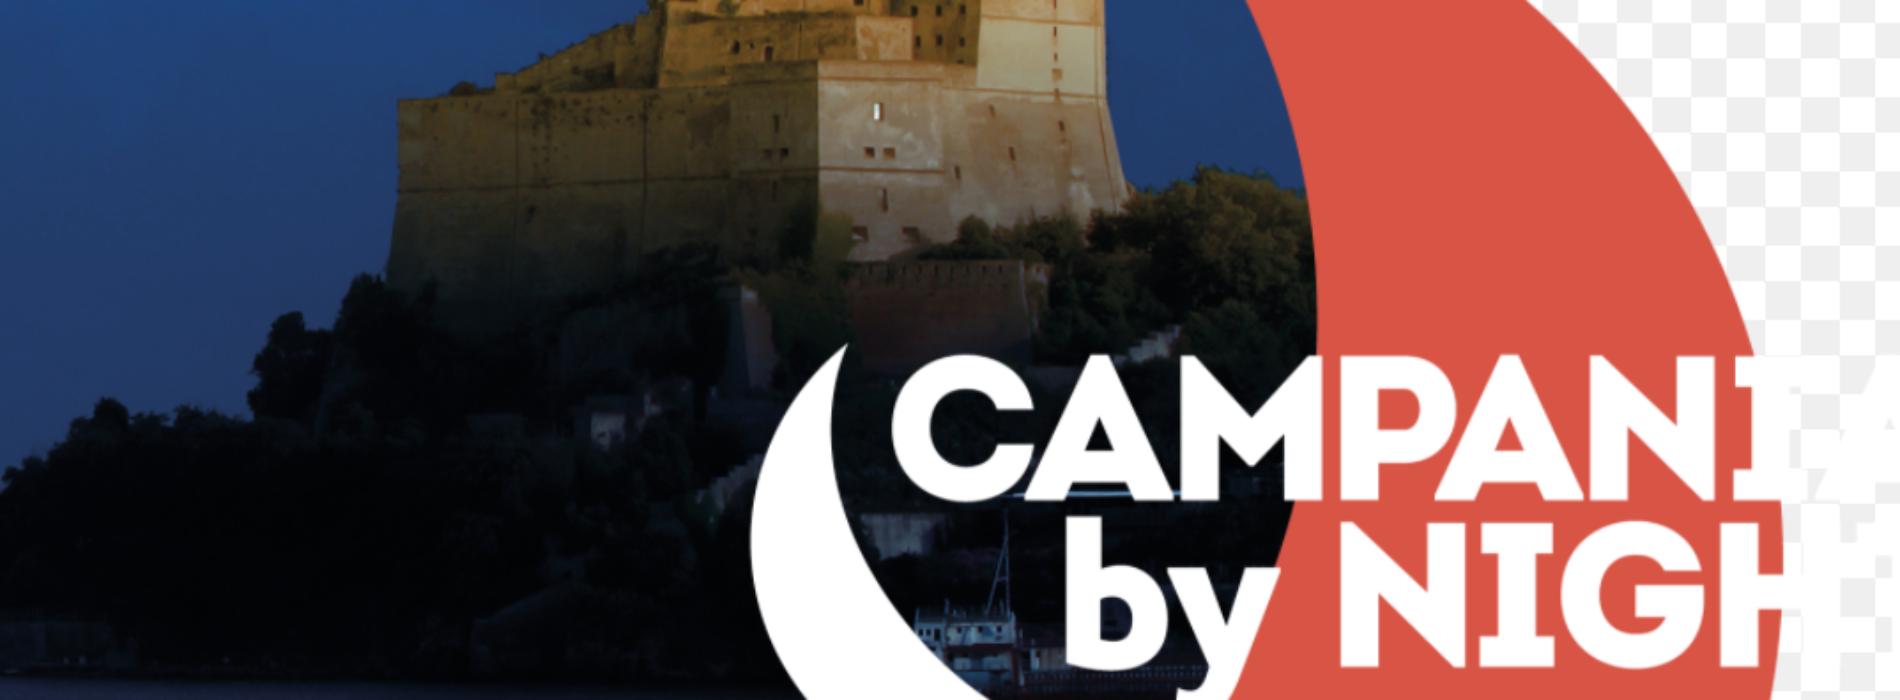 Openart, continua la Campania del Grand Tour della Scabec